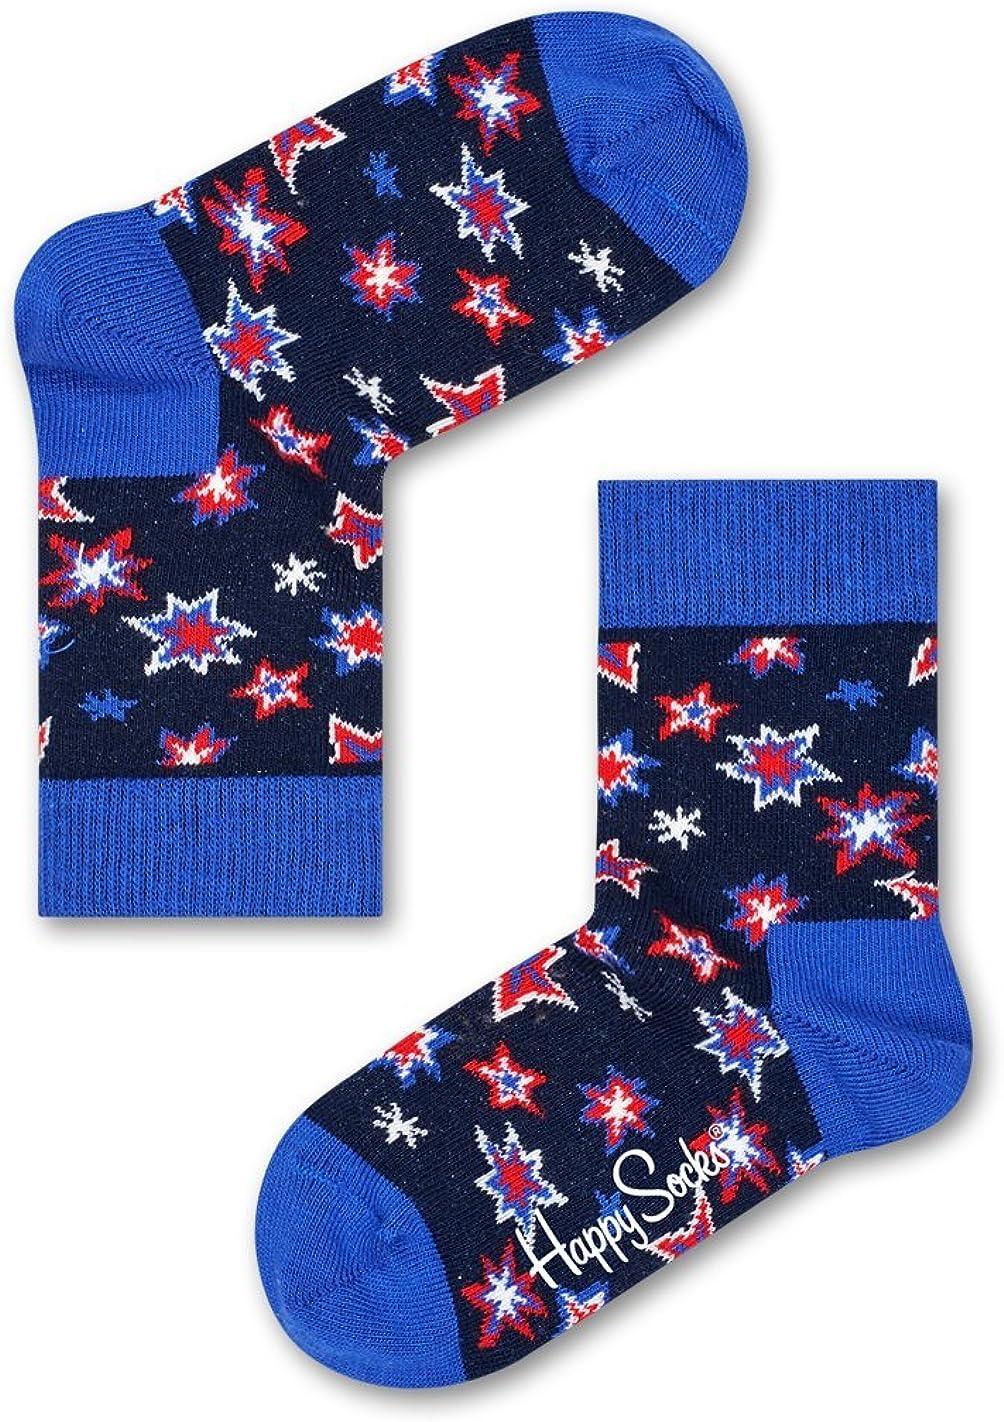 Happy Socks bunt limitierte Auflage Celebrity Collaboration Baumwollsocken f/ür Damen und Herren